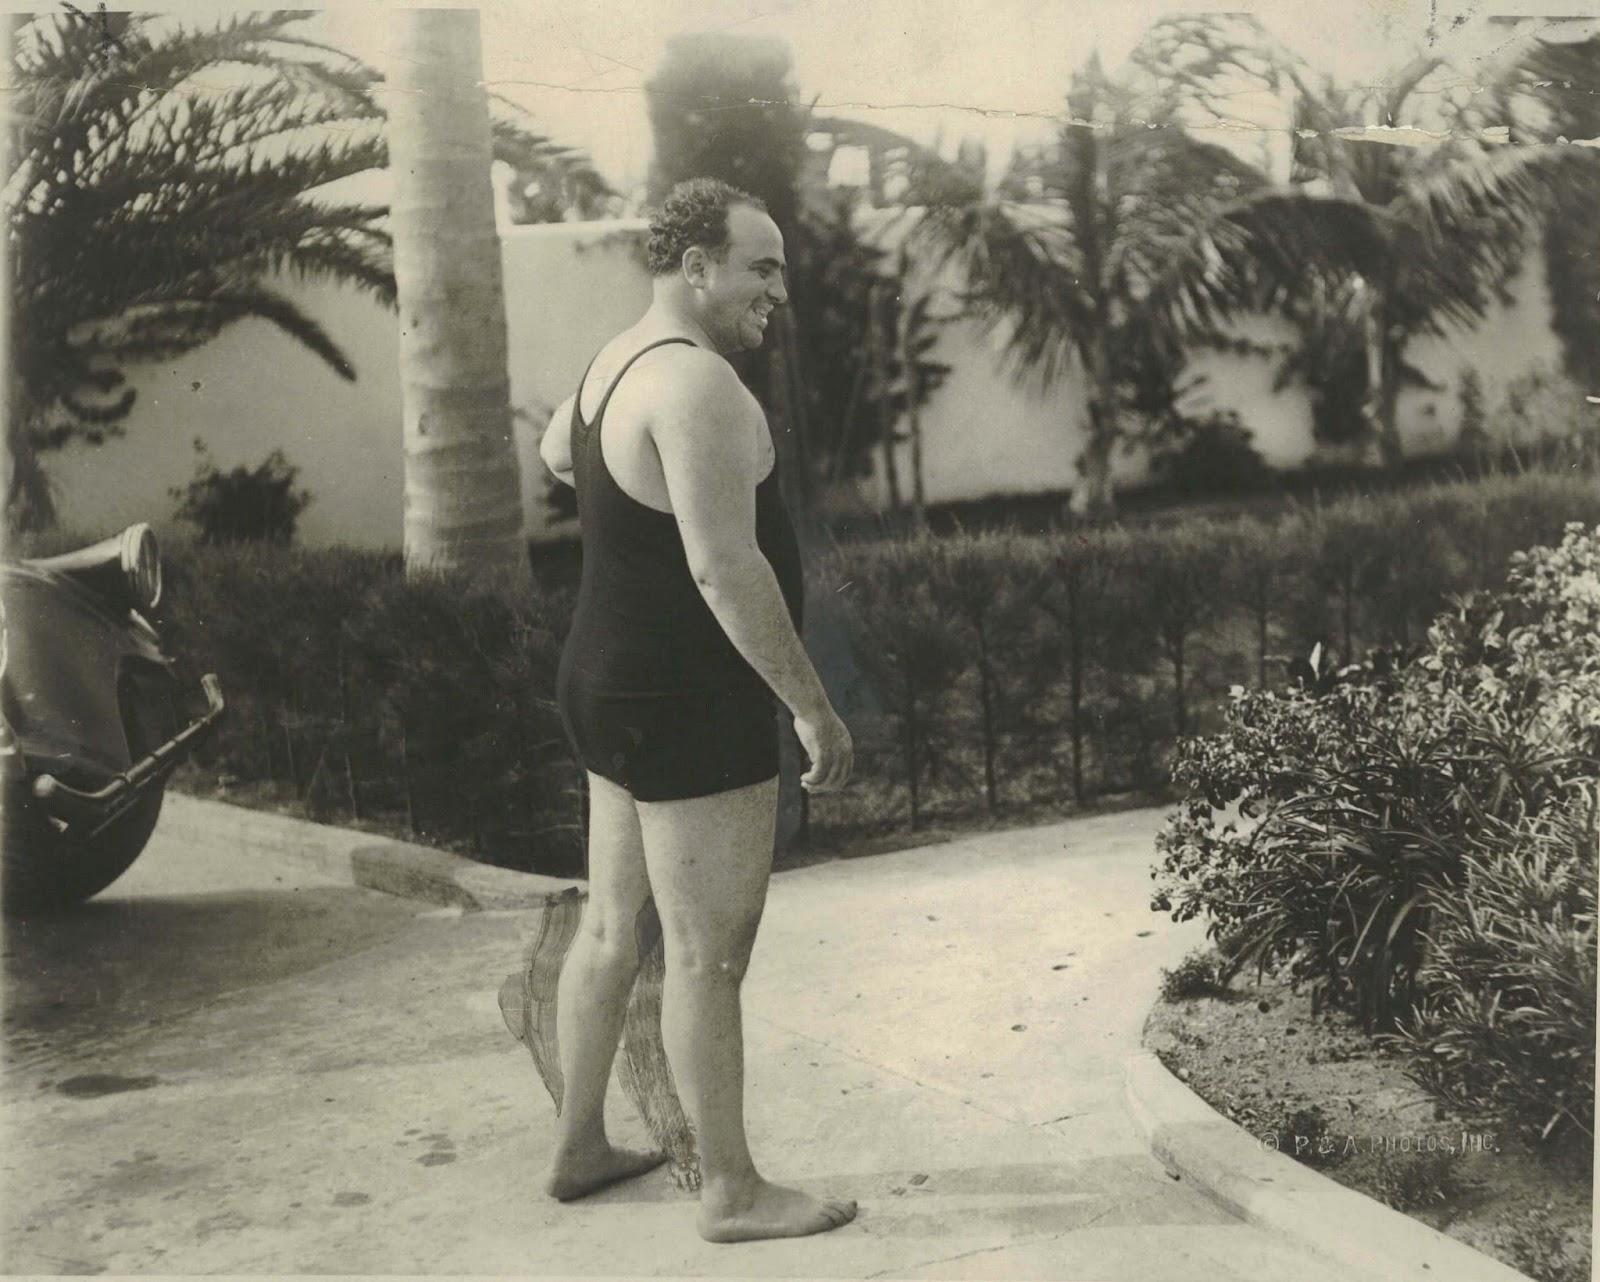 Аль Капоне в купальном костюме, 1929 год, Майями